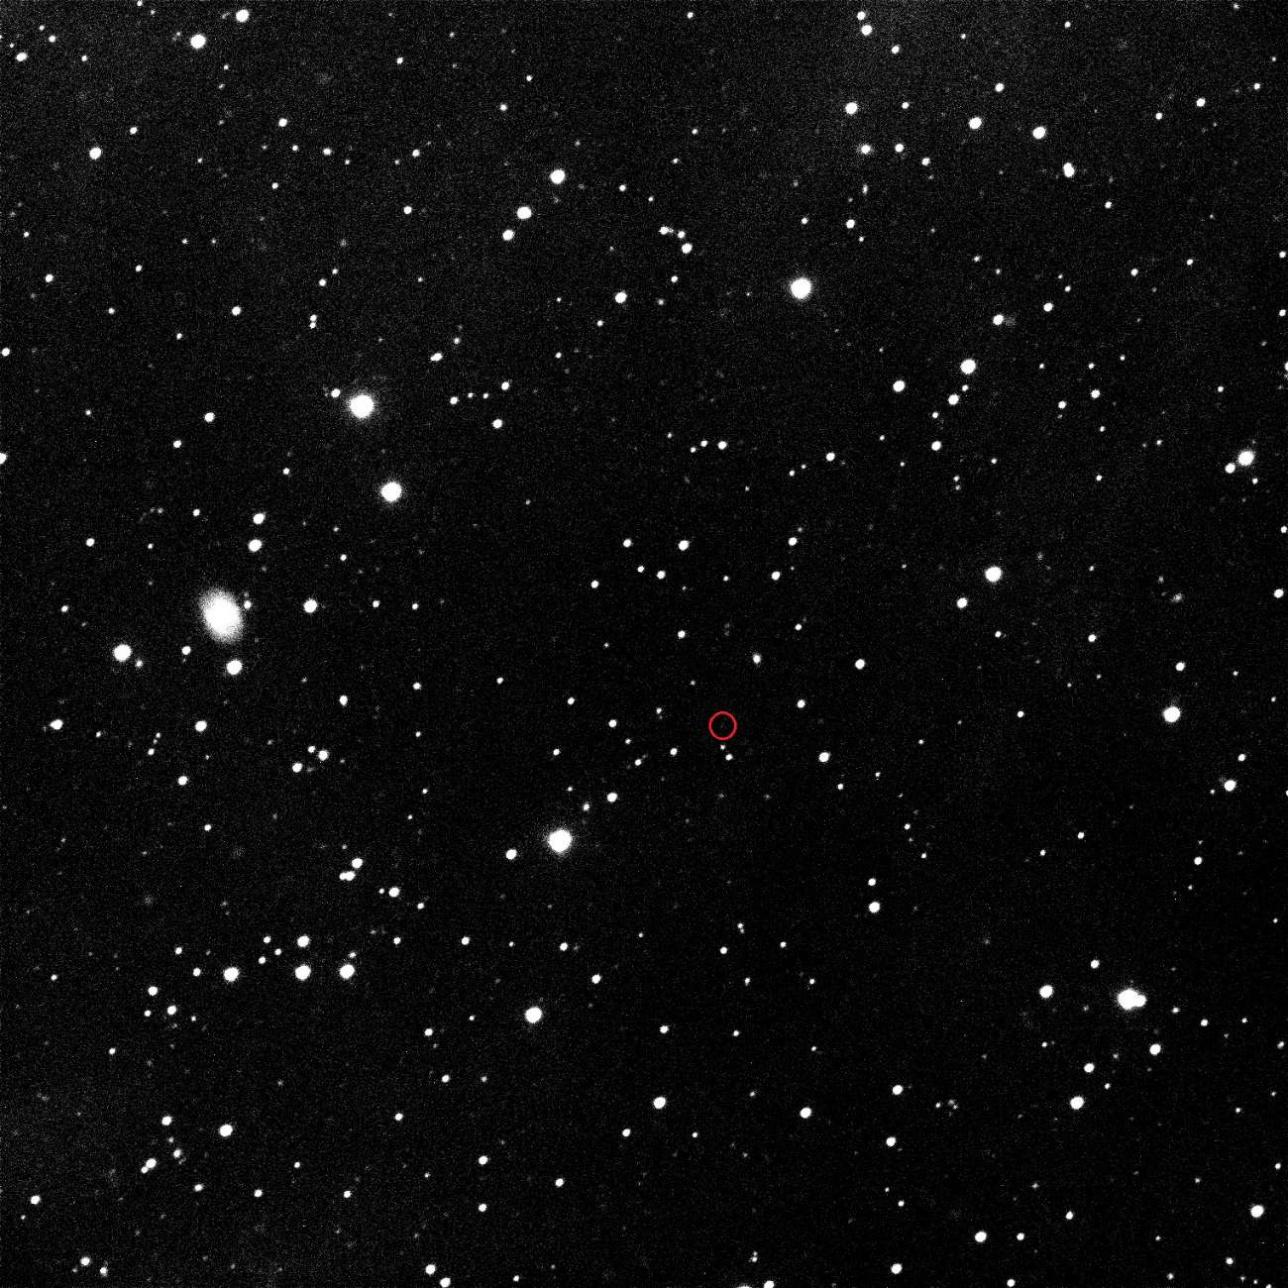 Объeкт GRB190829A в созвездие Кита